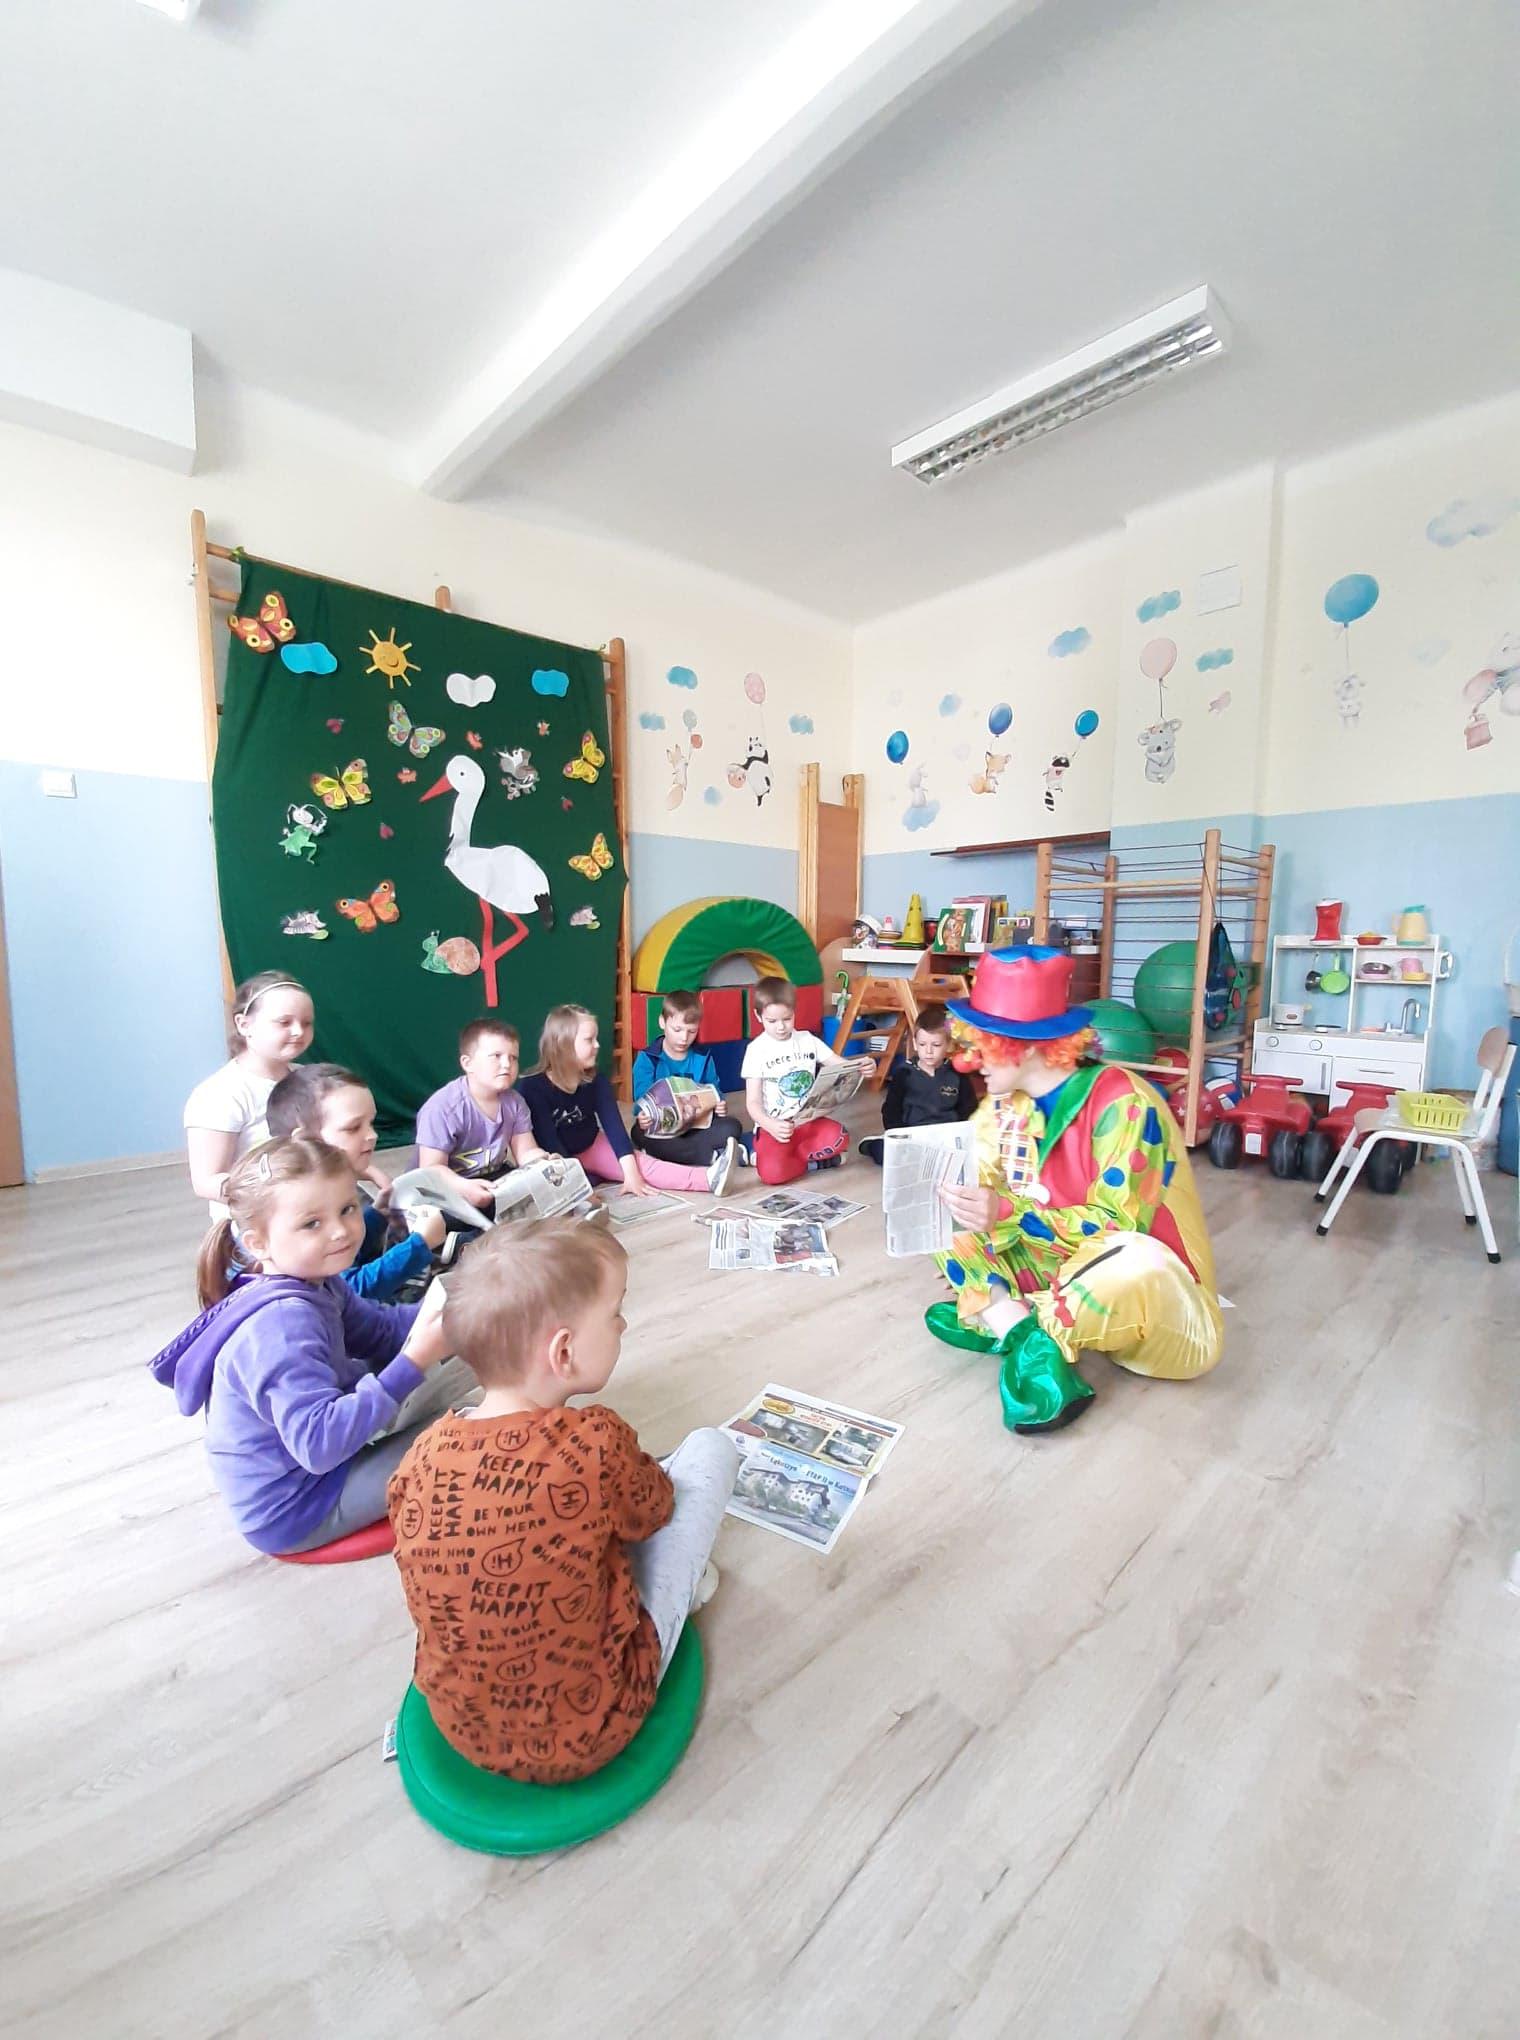 [ZDJĘCIA] We Wroczynach świętowali Dzień Dziecka - Zdjęcie główne